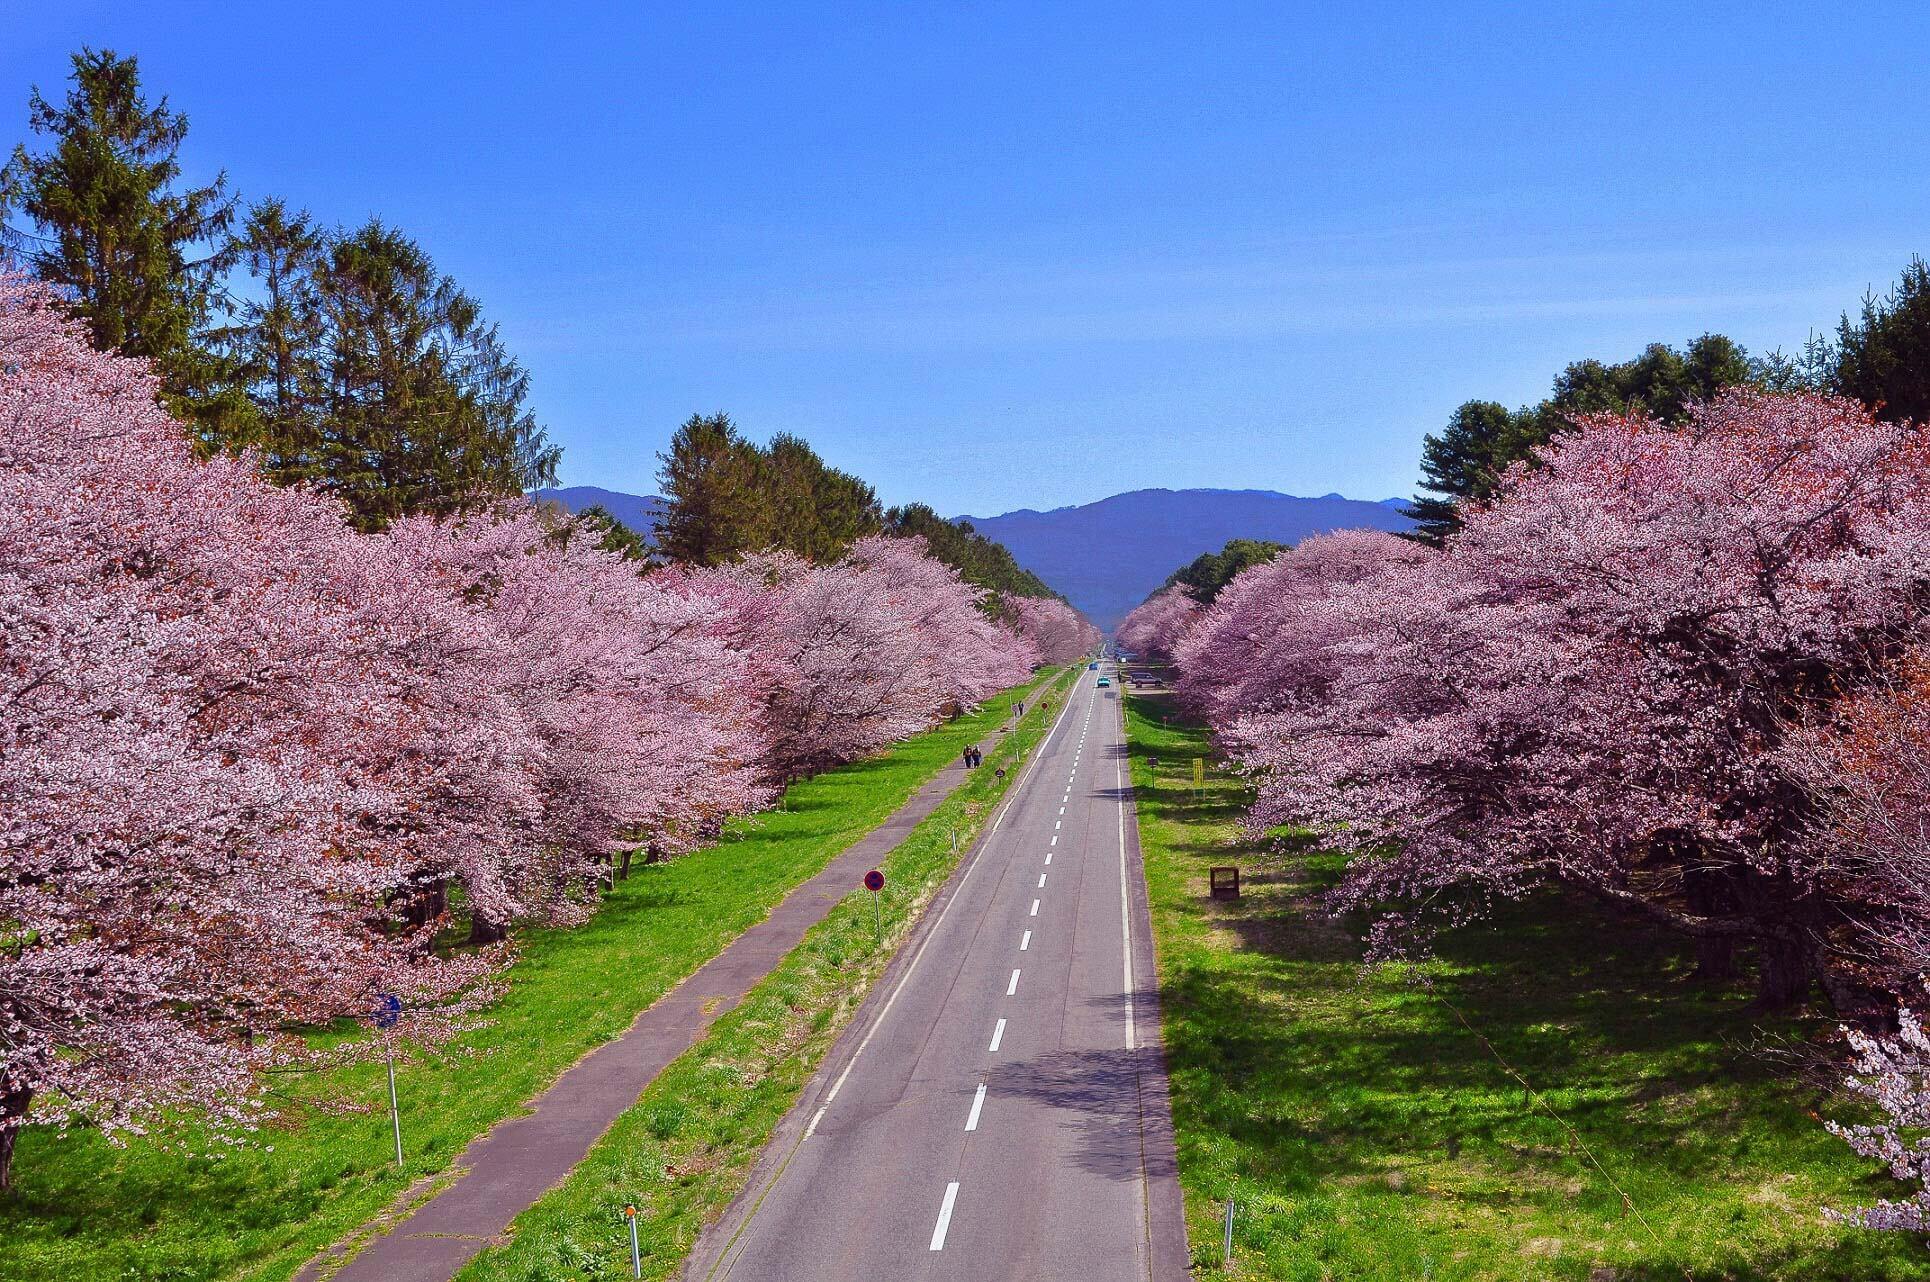 美到令人屏息!二十間道路櫻花林蔭大道